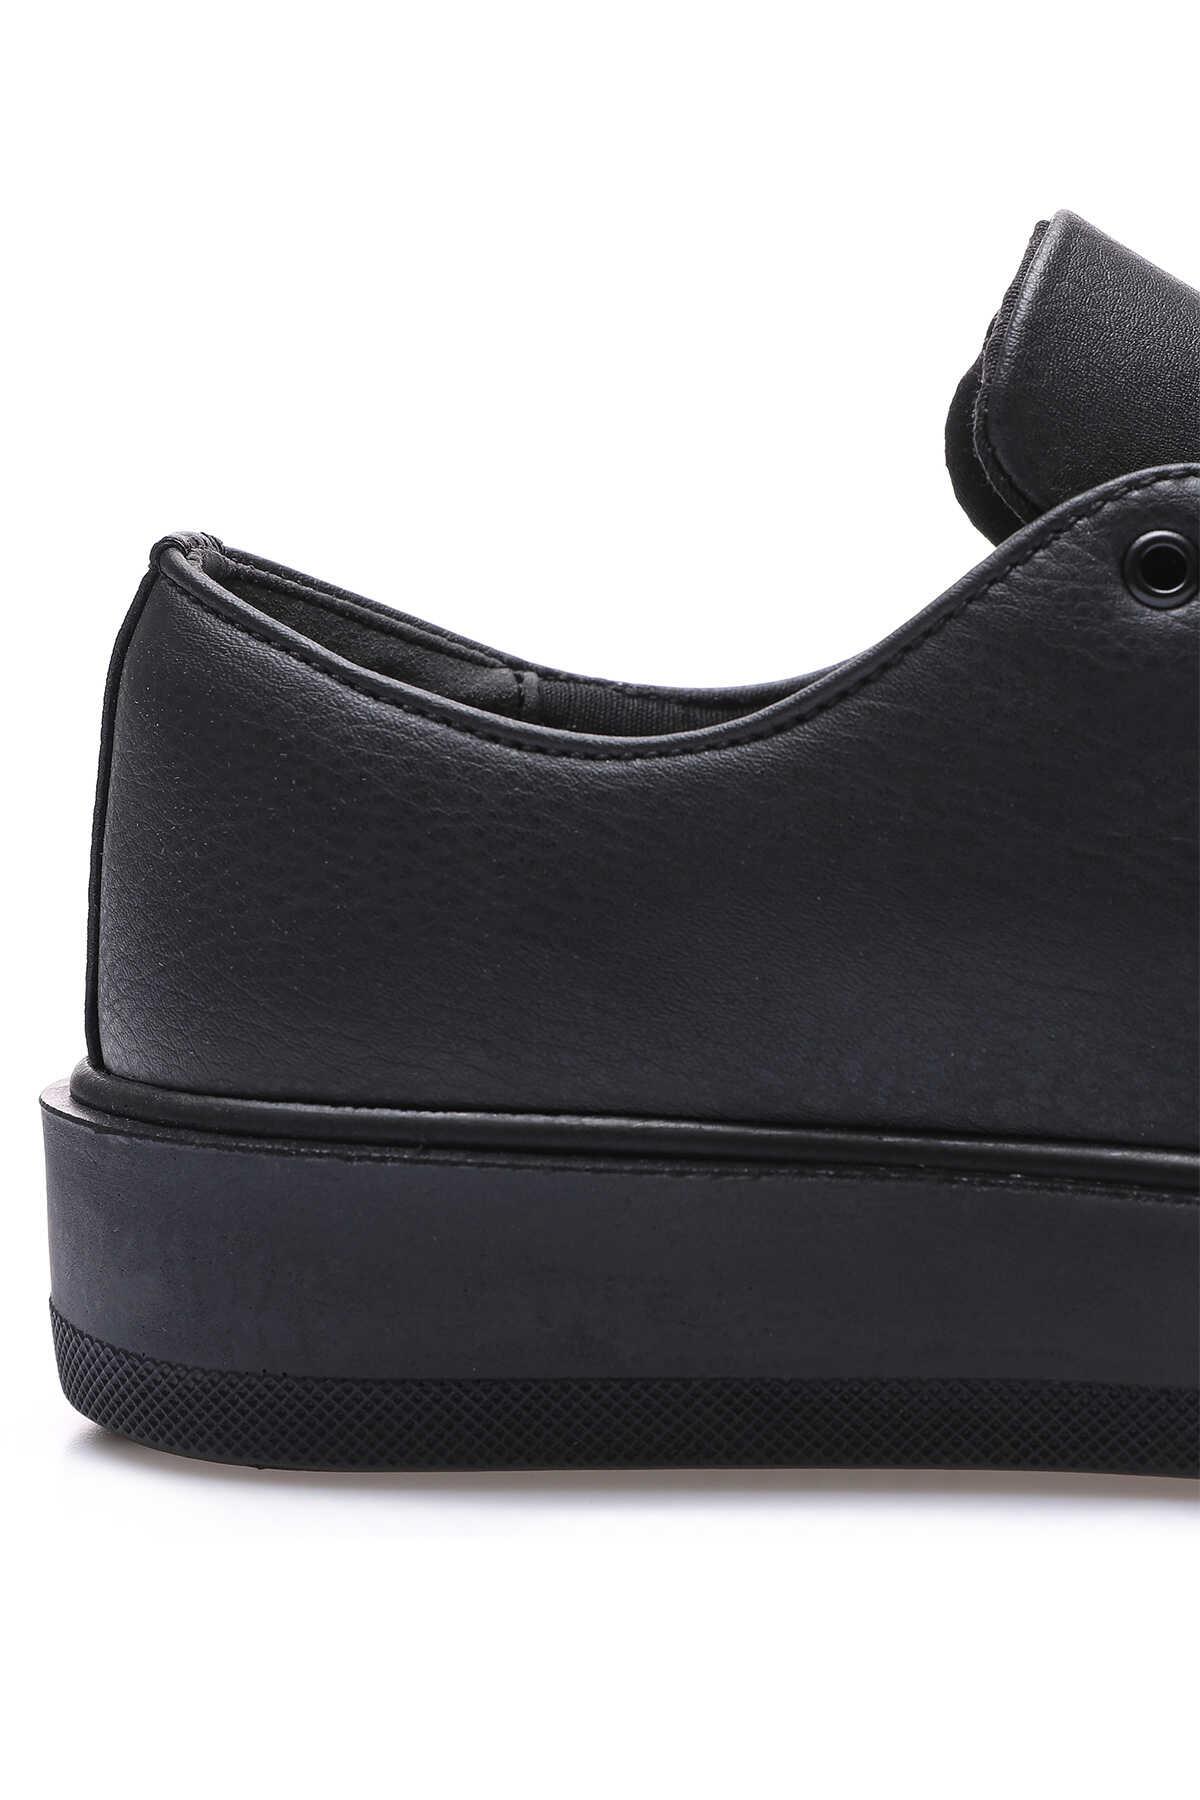 Tommy Life Toptan Siyah Erkek Bağcıklı Suni Deri Spor Ayakkabı - 89051_1